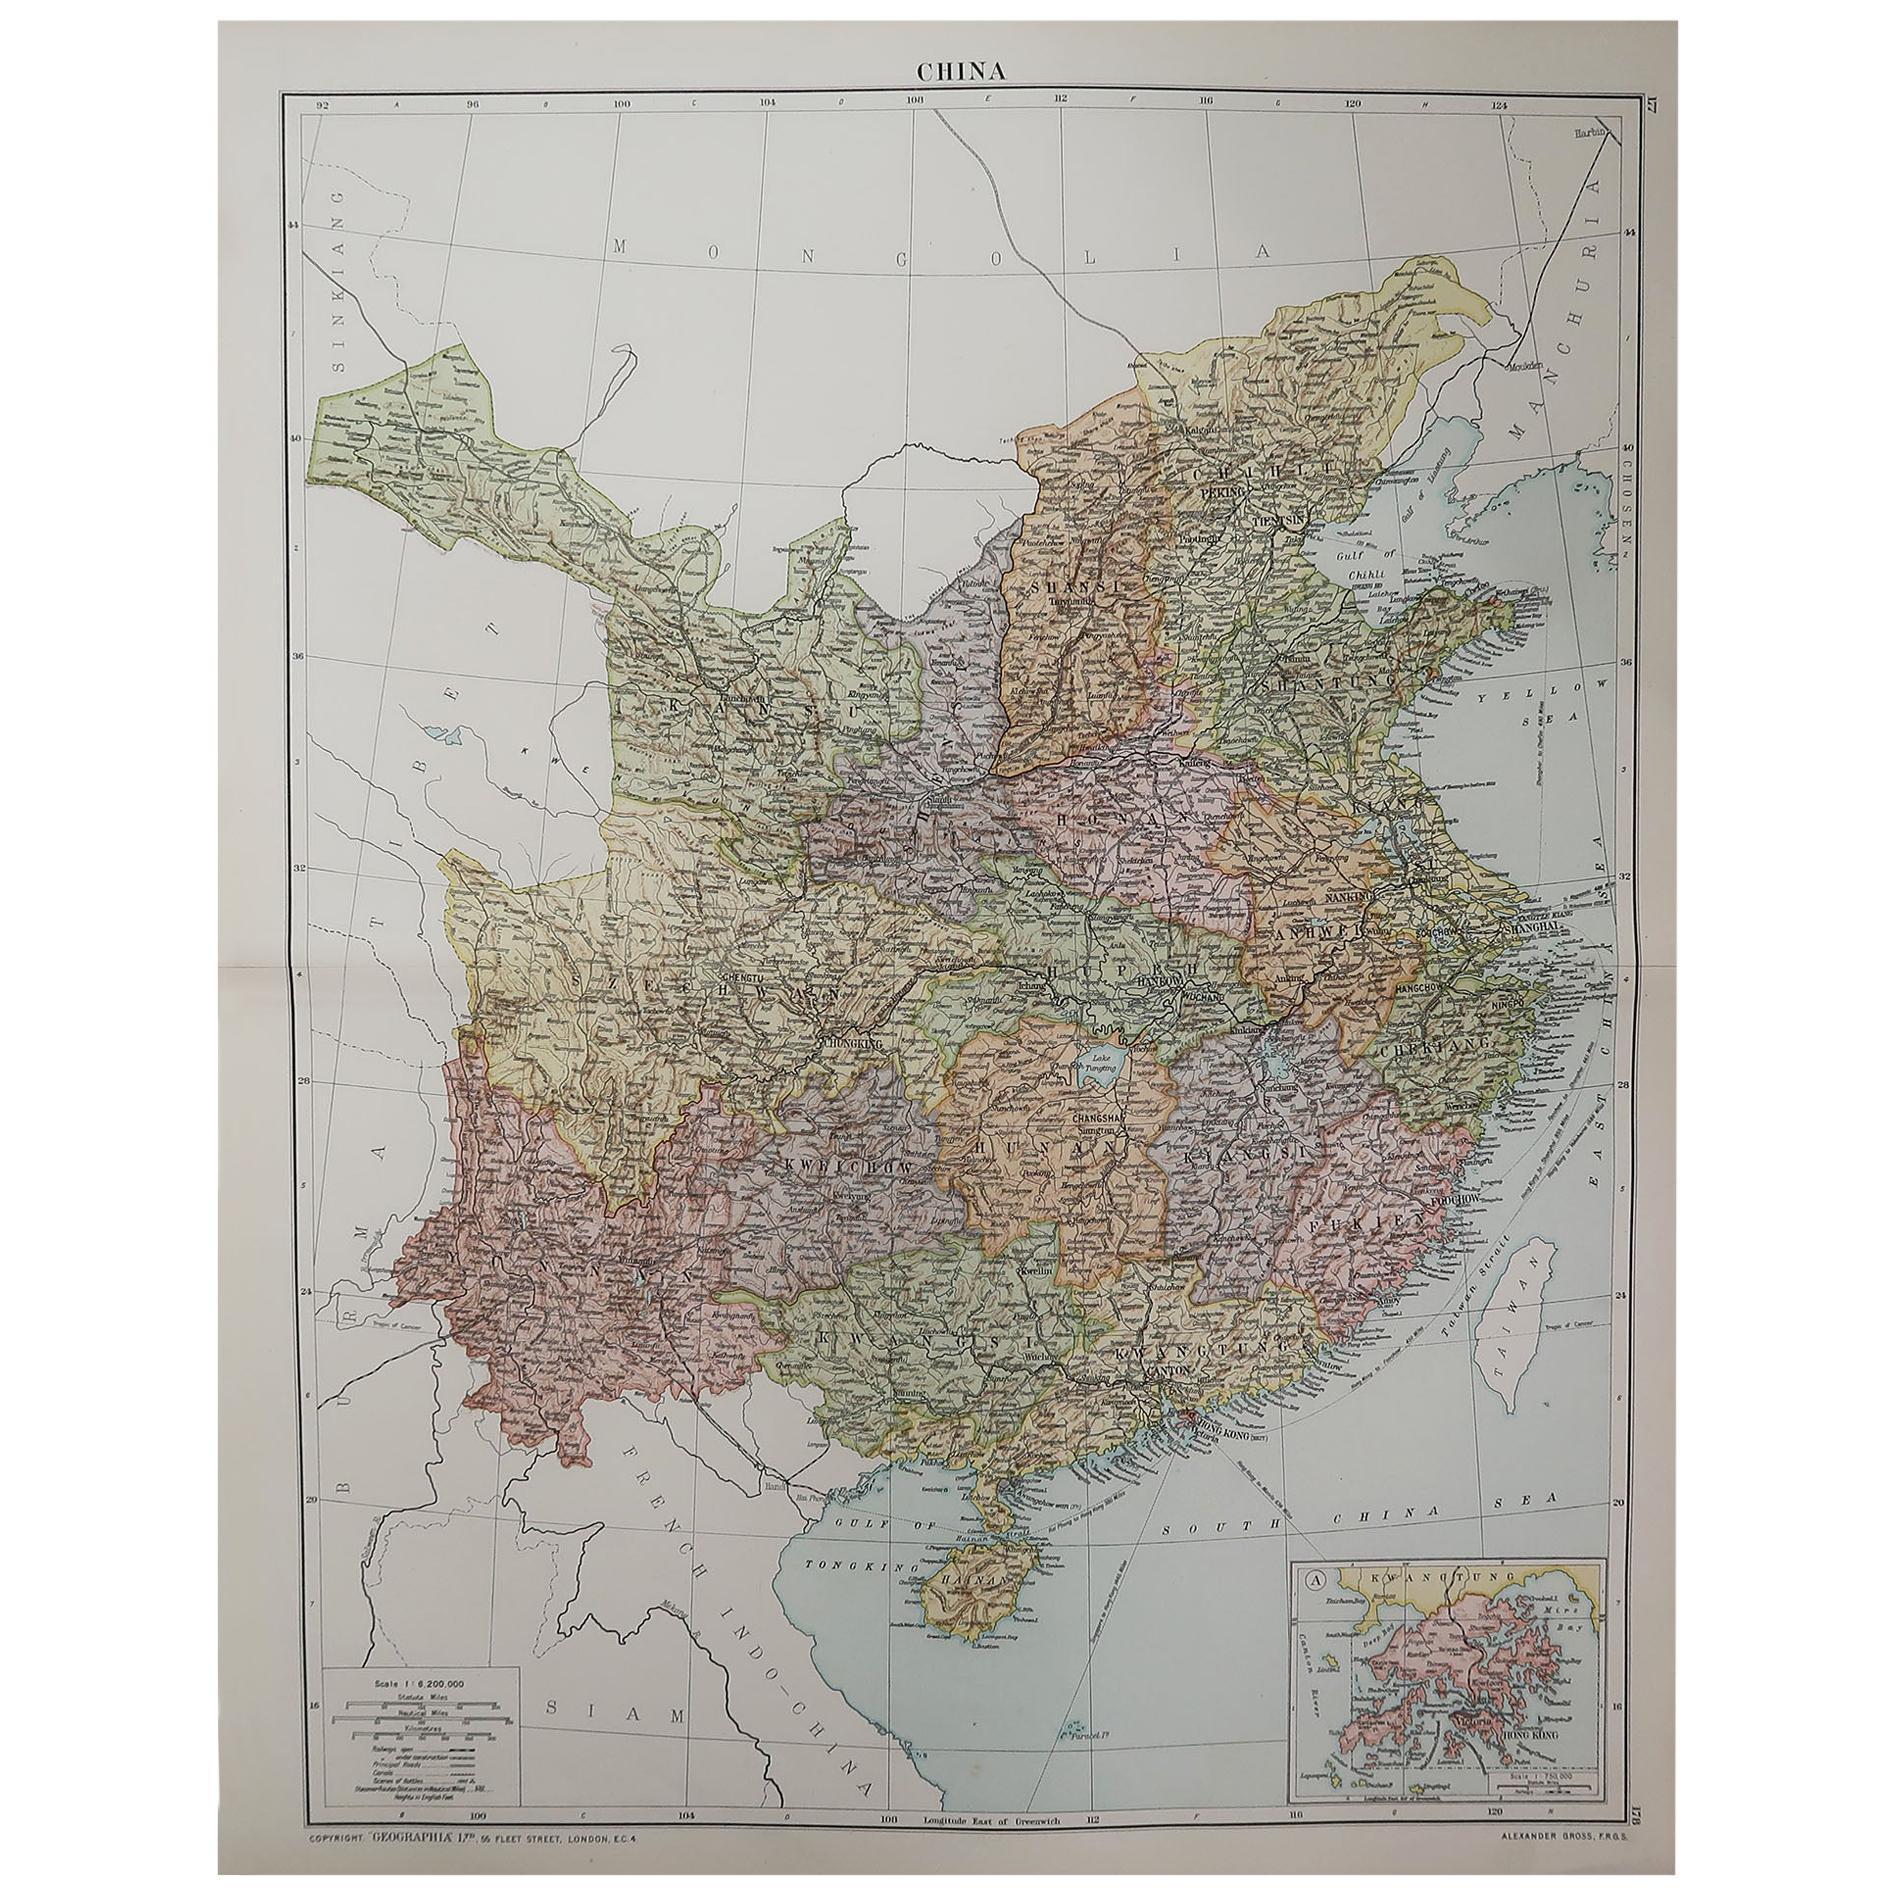 Large Original Vintage Map of China, circa 1920